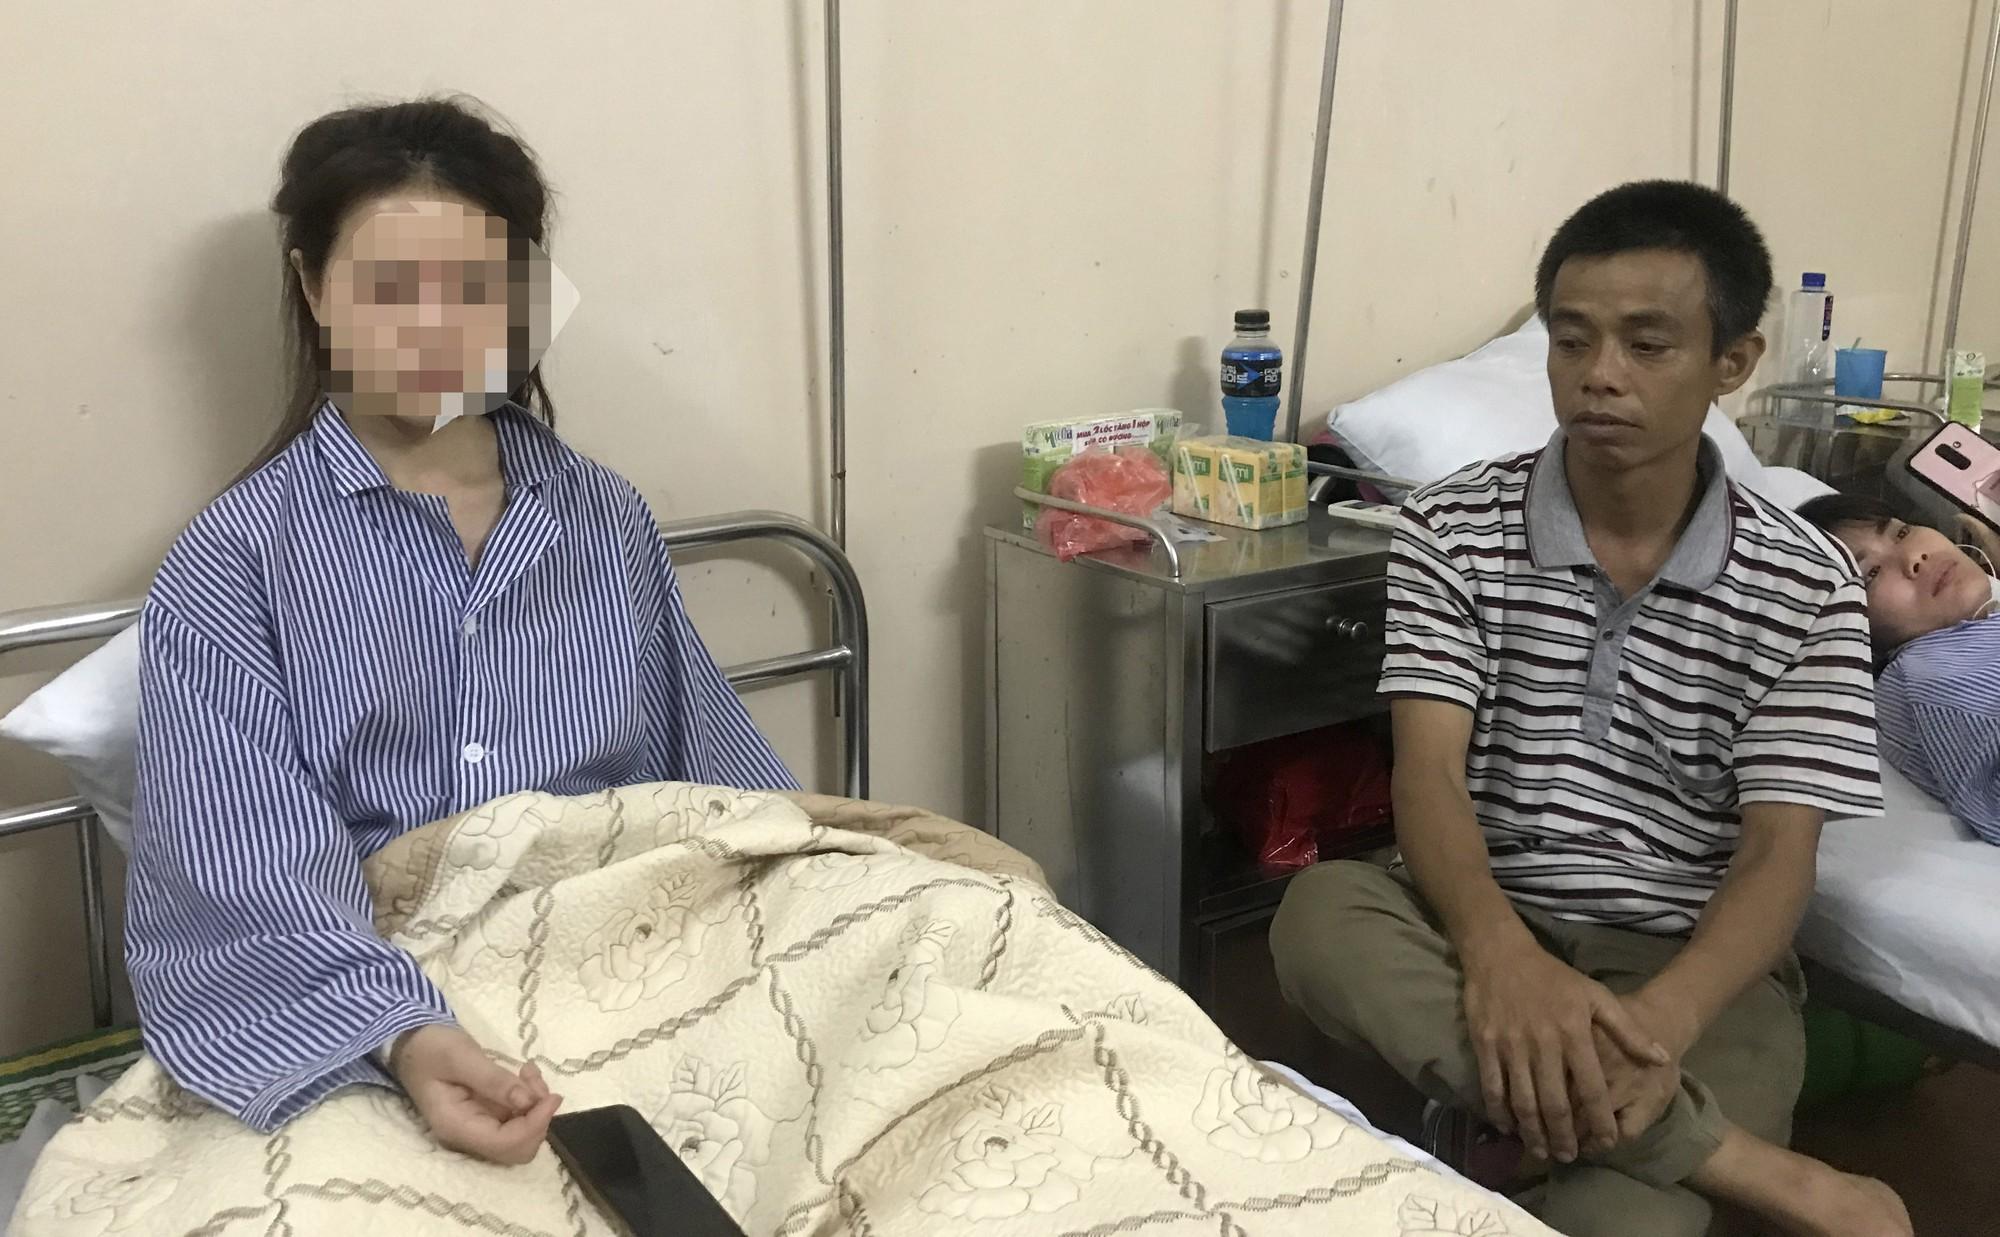 Người rạch mặt cô gái có ngoại hình xinh xắn ở Bắc Ninh: Em không